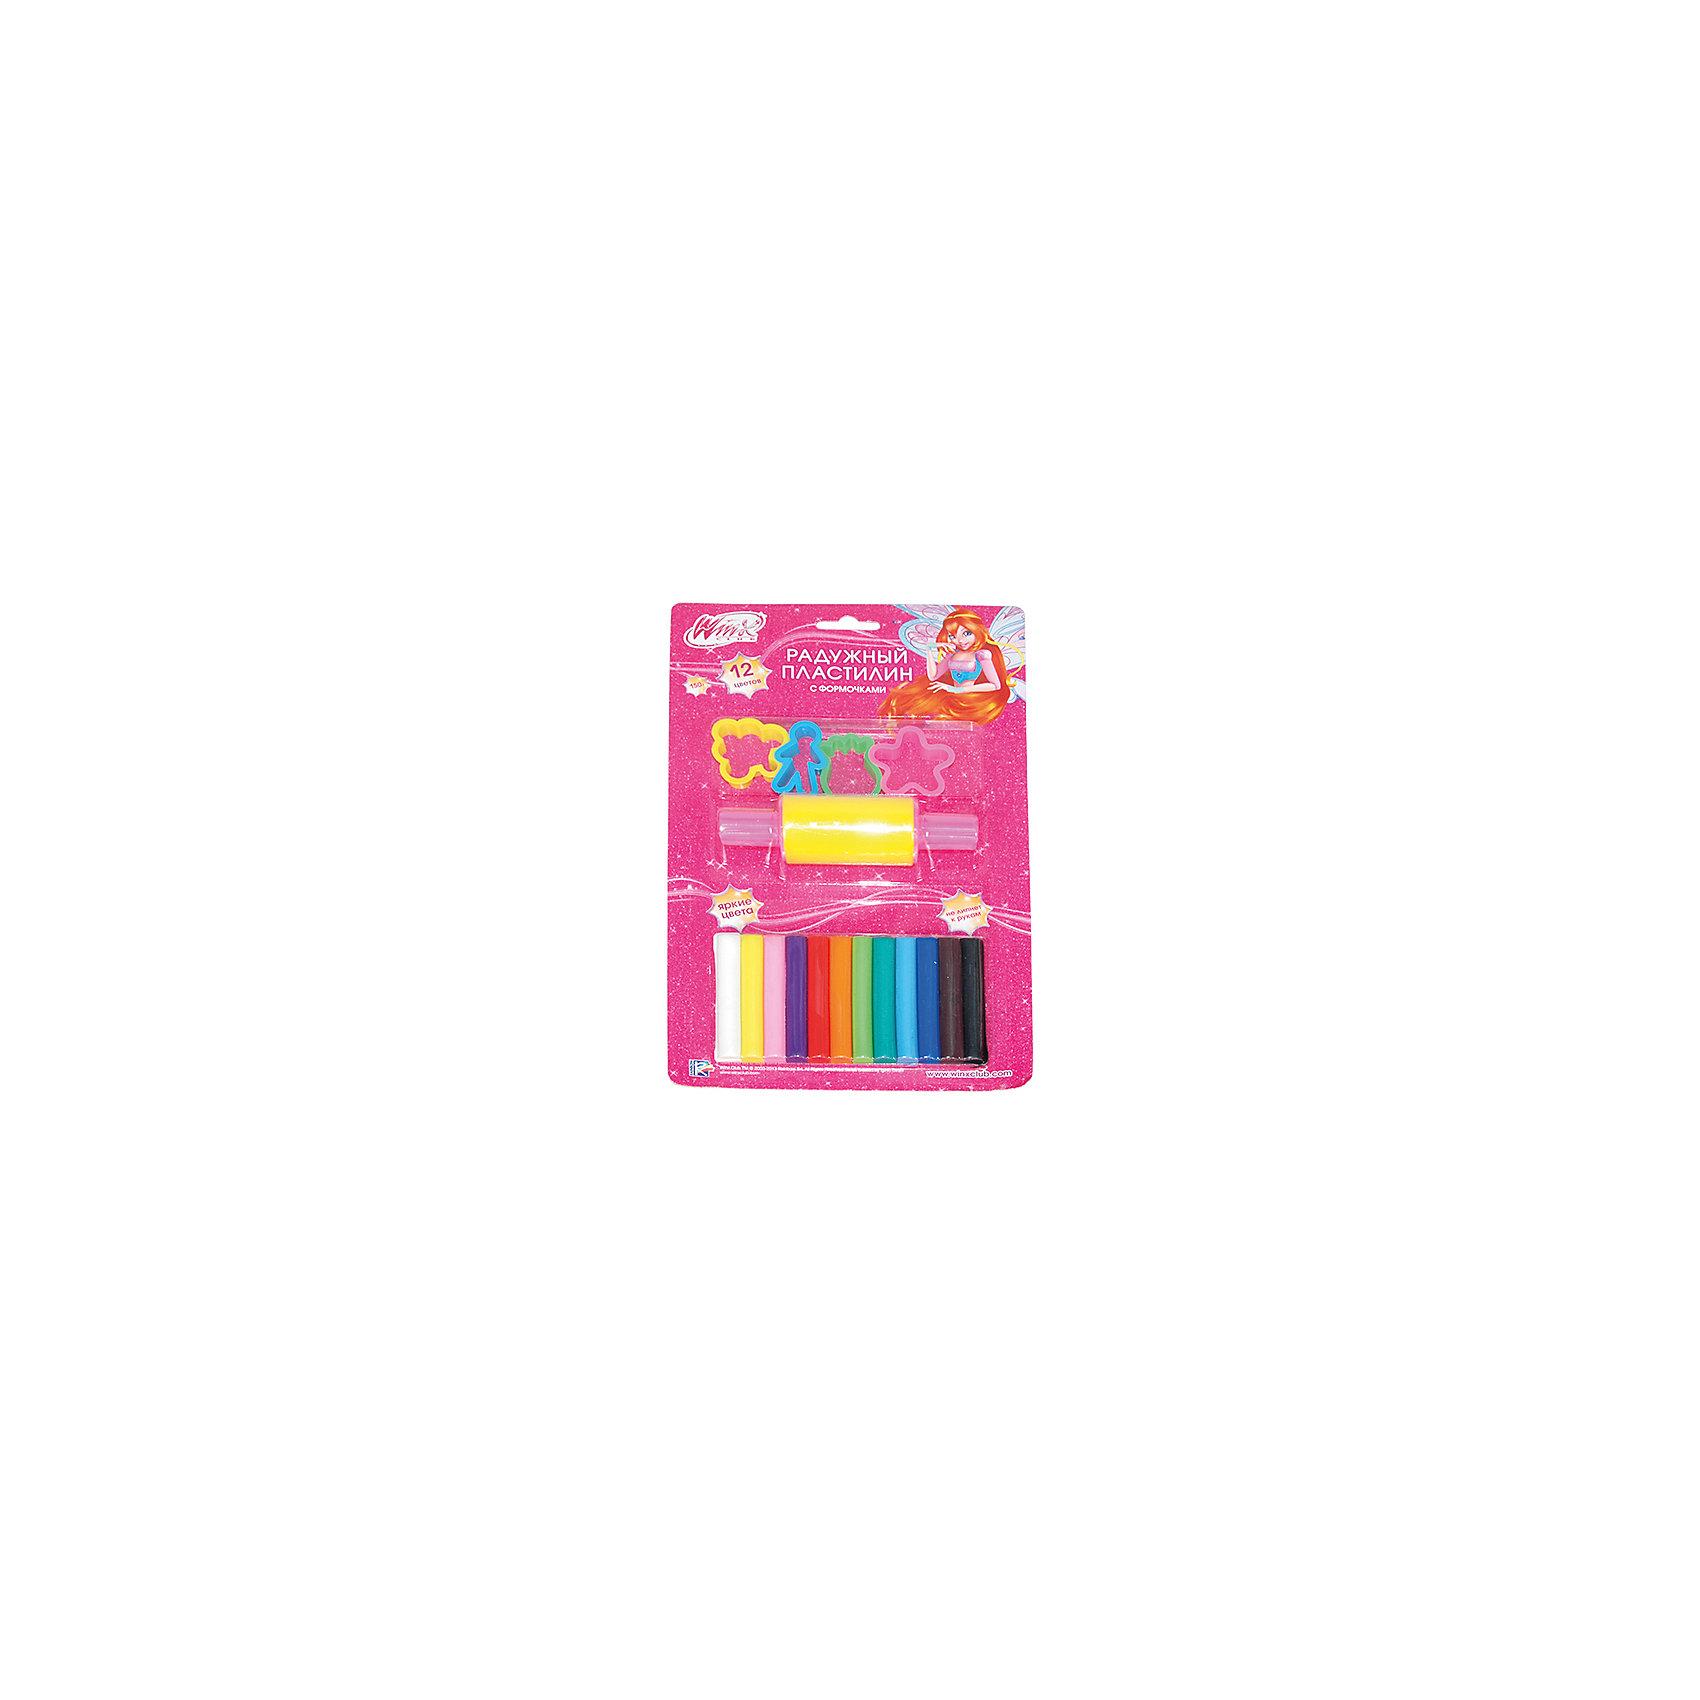 Пластилин с формочками, Winx Club, 12 цветовЛепка<br>Помимо яркого пластилина, в набор Winx Club входят формочки и скалка, чтобы лепить стало еще интереснее. Пластилин прекрасно подойдет и для опытных, и для начинающих скульпторов. Легко мнется и не оставляет следов.<br>Дополнительная информация:<br>-в наборе: радужный пластилин 12 цветов, 4 формочки, скалка<br>Сказочный персонаж: Winx Club<br>-вес: 240 грамм<br>-размер упаковки: 19х30х3 см<br>Пластилин с формочками Winx Club можно приобрести в нашем интернет-магазине.<br><br>Ширина мм: 30<br>Глубина мм: 300<br>Высота мм: 190<br>Вес г: 240<br>Возраст от месяцев: 36<br>Возраст до месяцев: 84<br>Пол: Женский<br>Возраст: Детский<br>SKU: 4915460